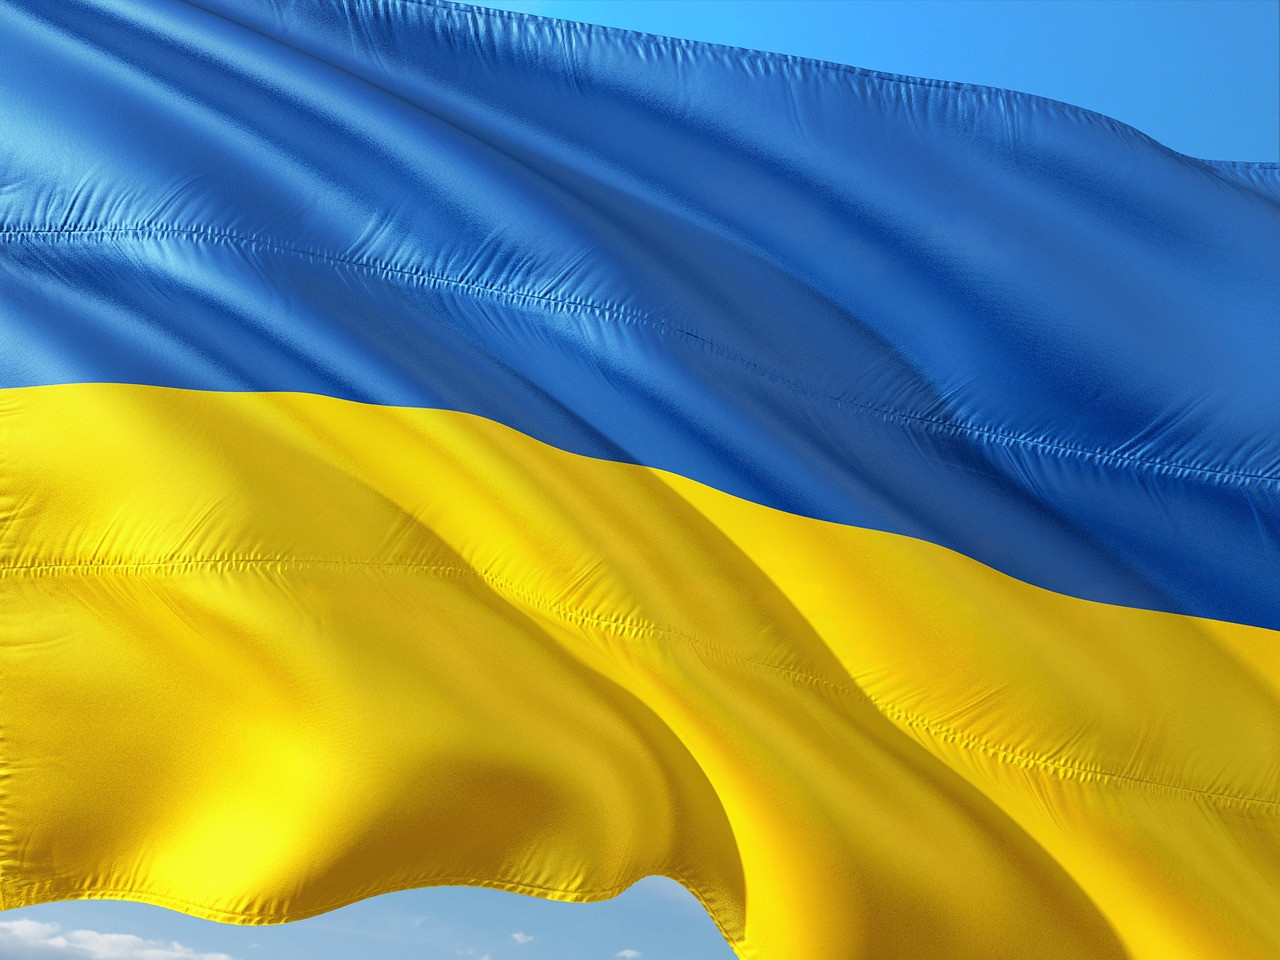 Украина хочет отказать в пенсиях тем, кто поддерживает Россию